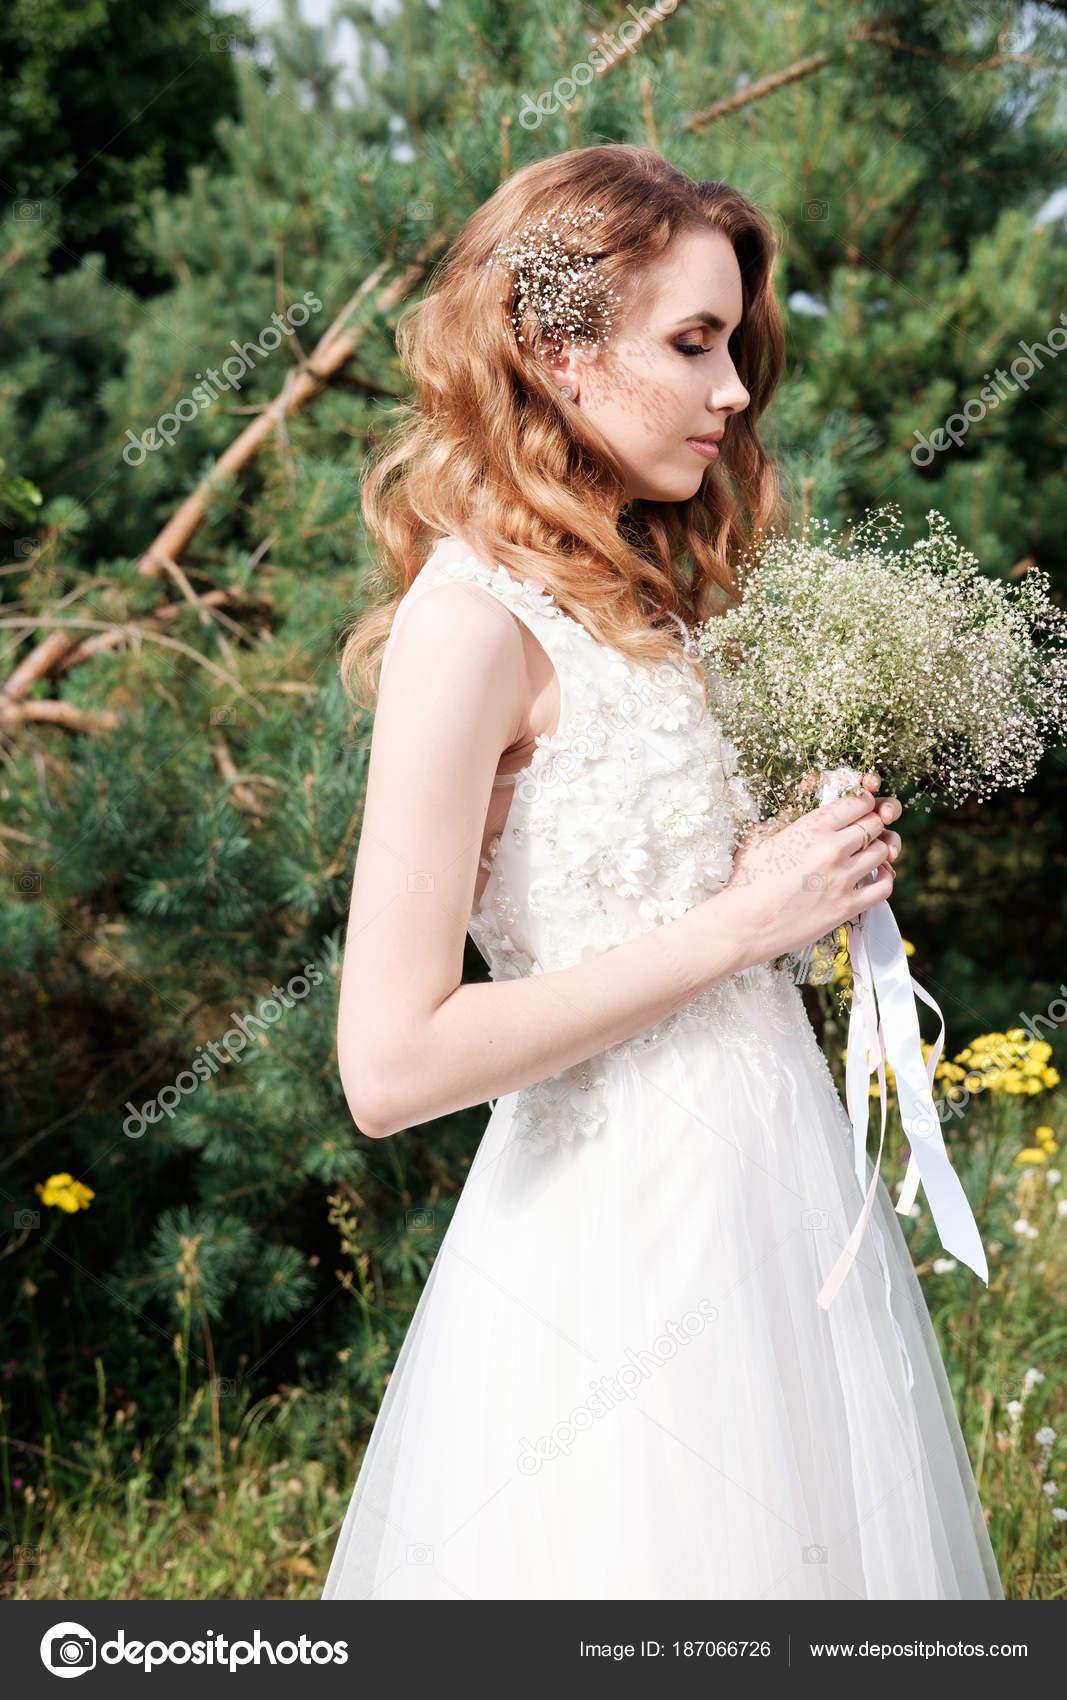 junge hübsche Braut mit geschlossenen Augen in weiße Hochzeit Kleid ...